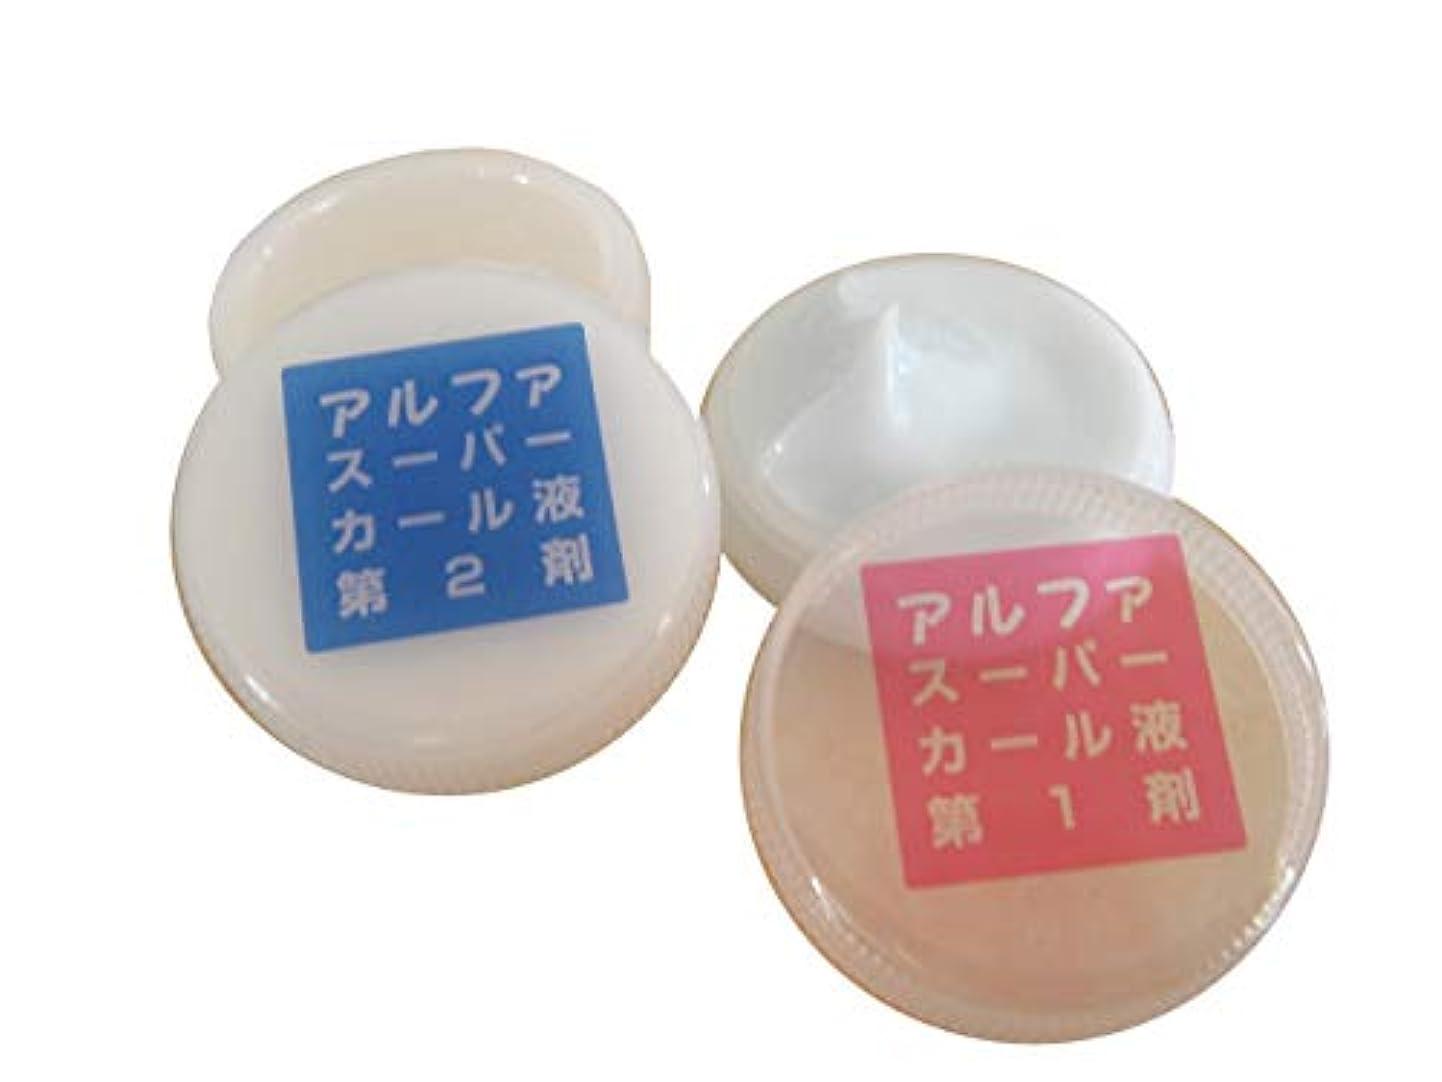 ネクタイ司教形★☆5分でかかる!つけまつげ用まつげパーマ液 約50回分 超特価☆★